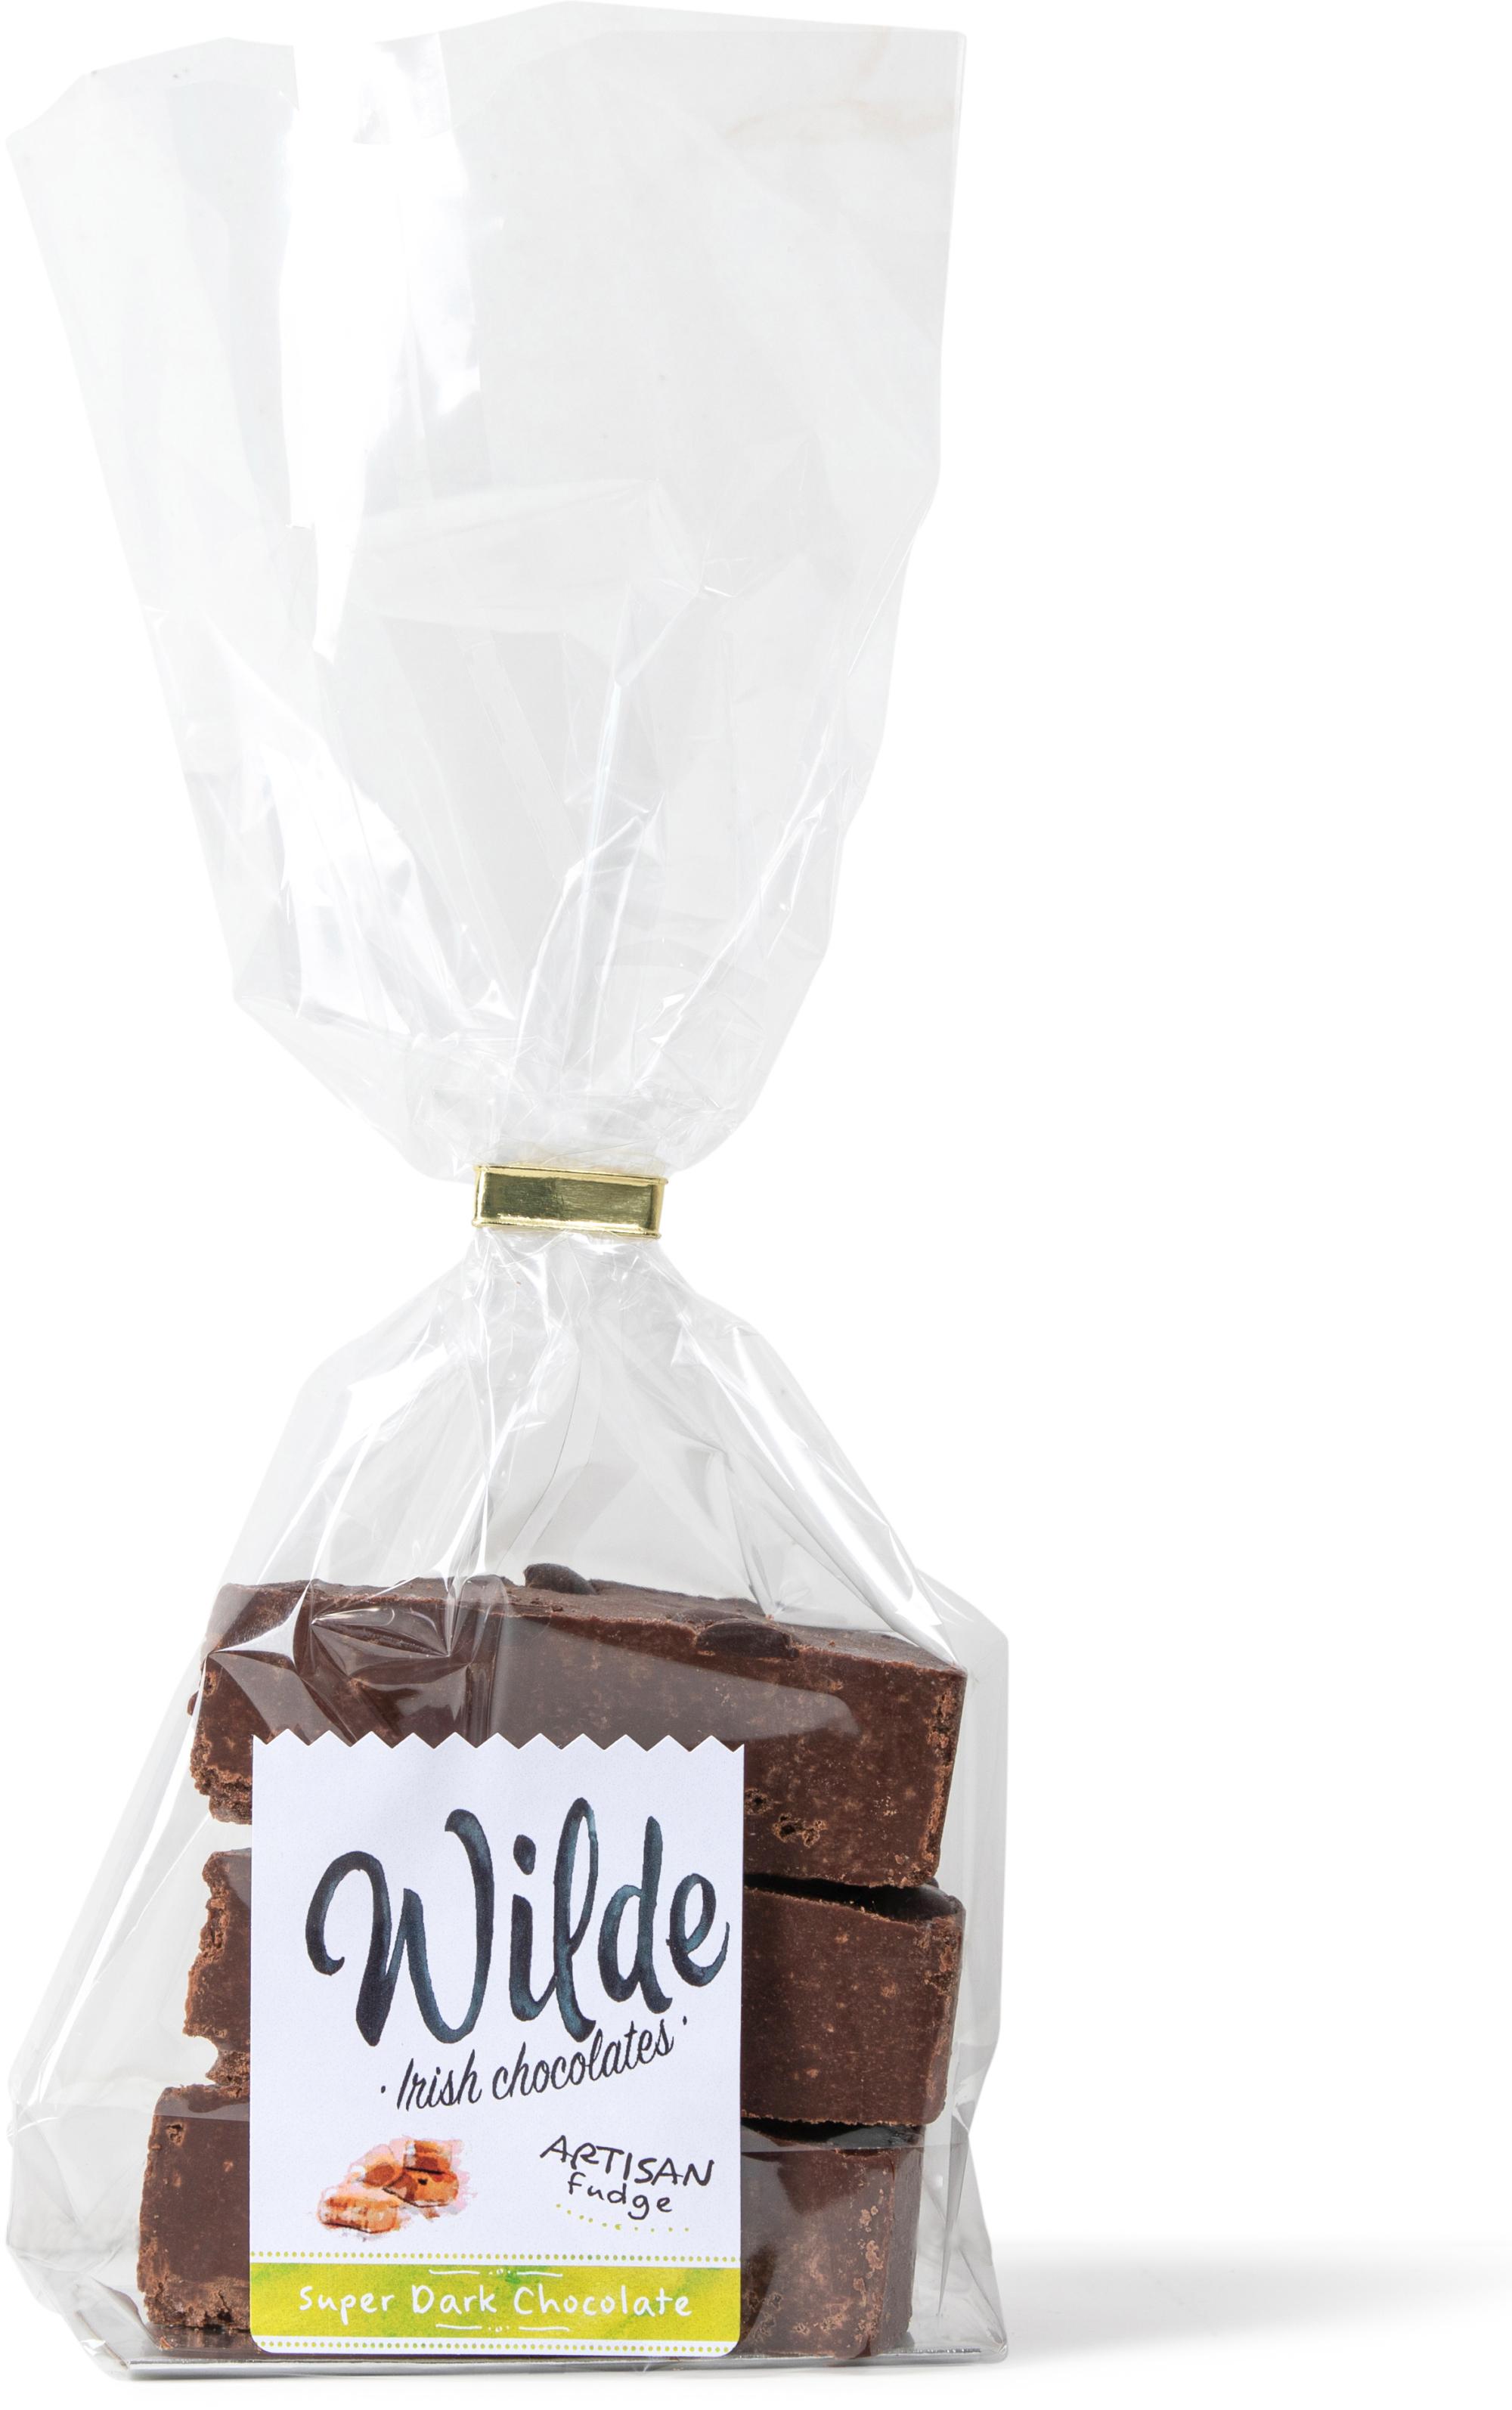 super dark chocolate fudge - Wilde Irish Chocolates